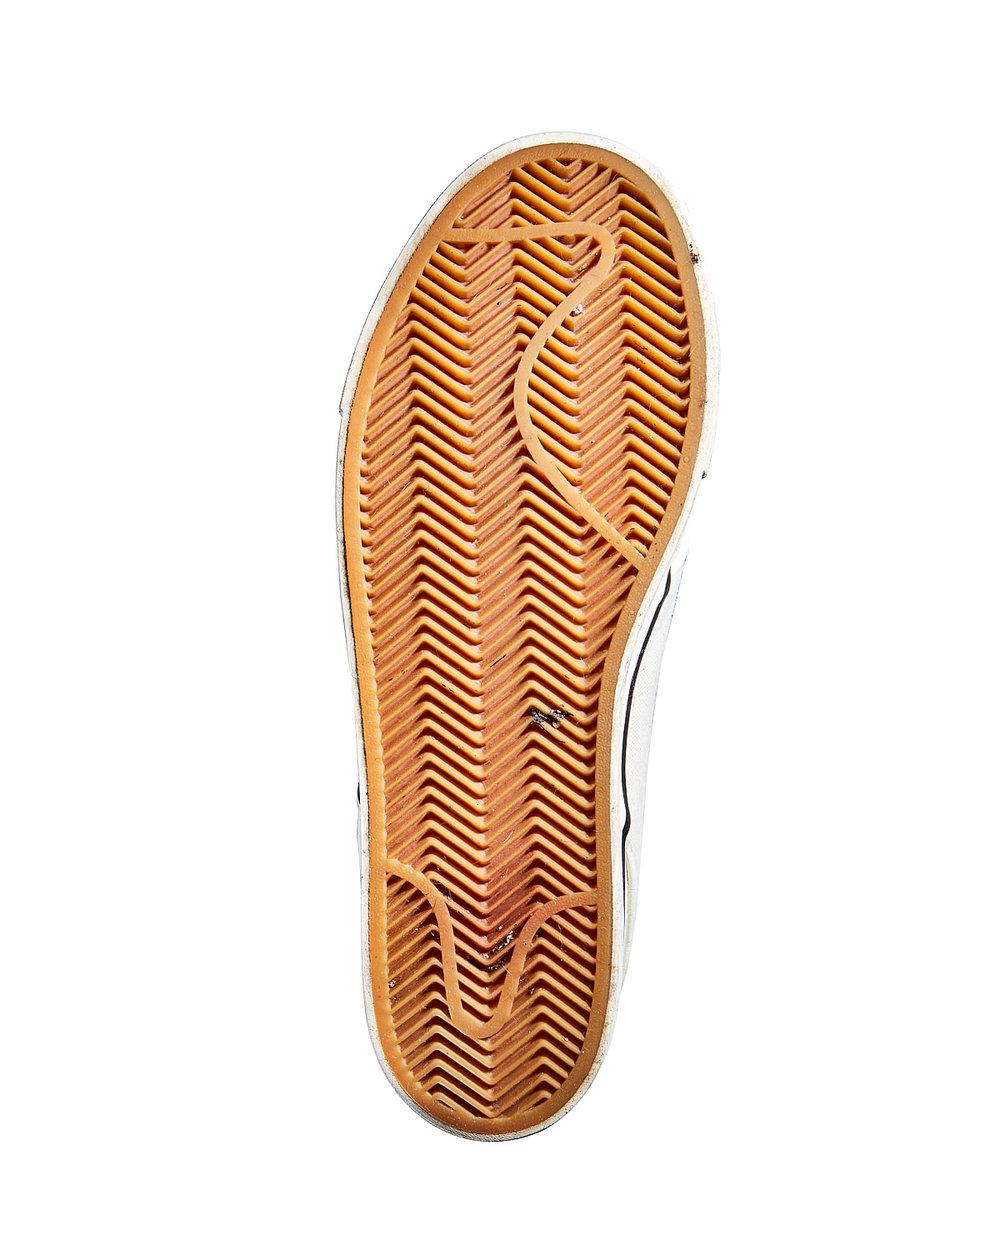 SOLES_NIKE_STEFAN_18552.jpg